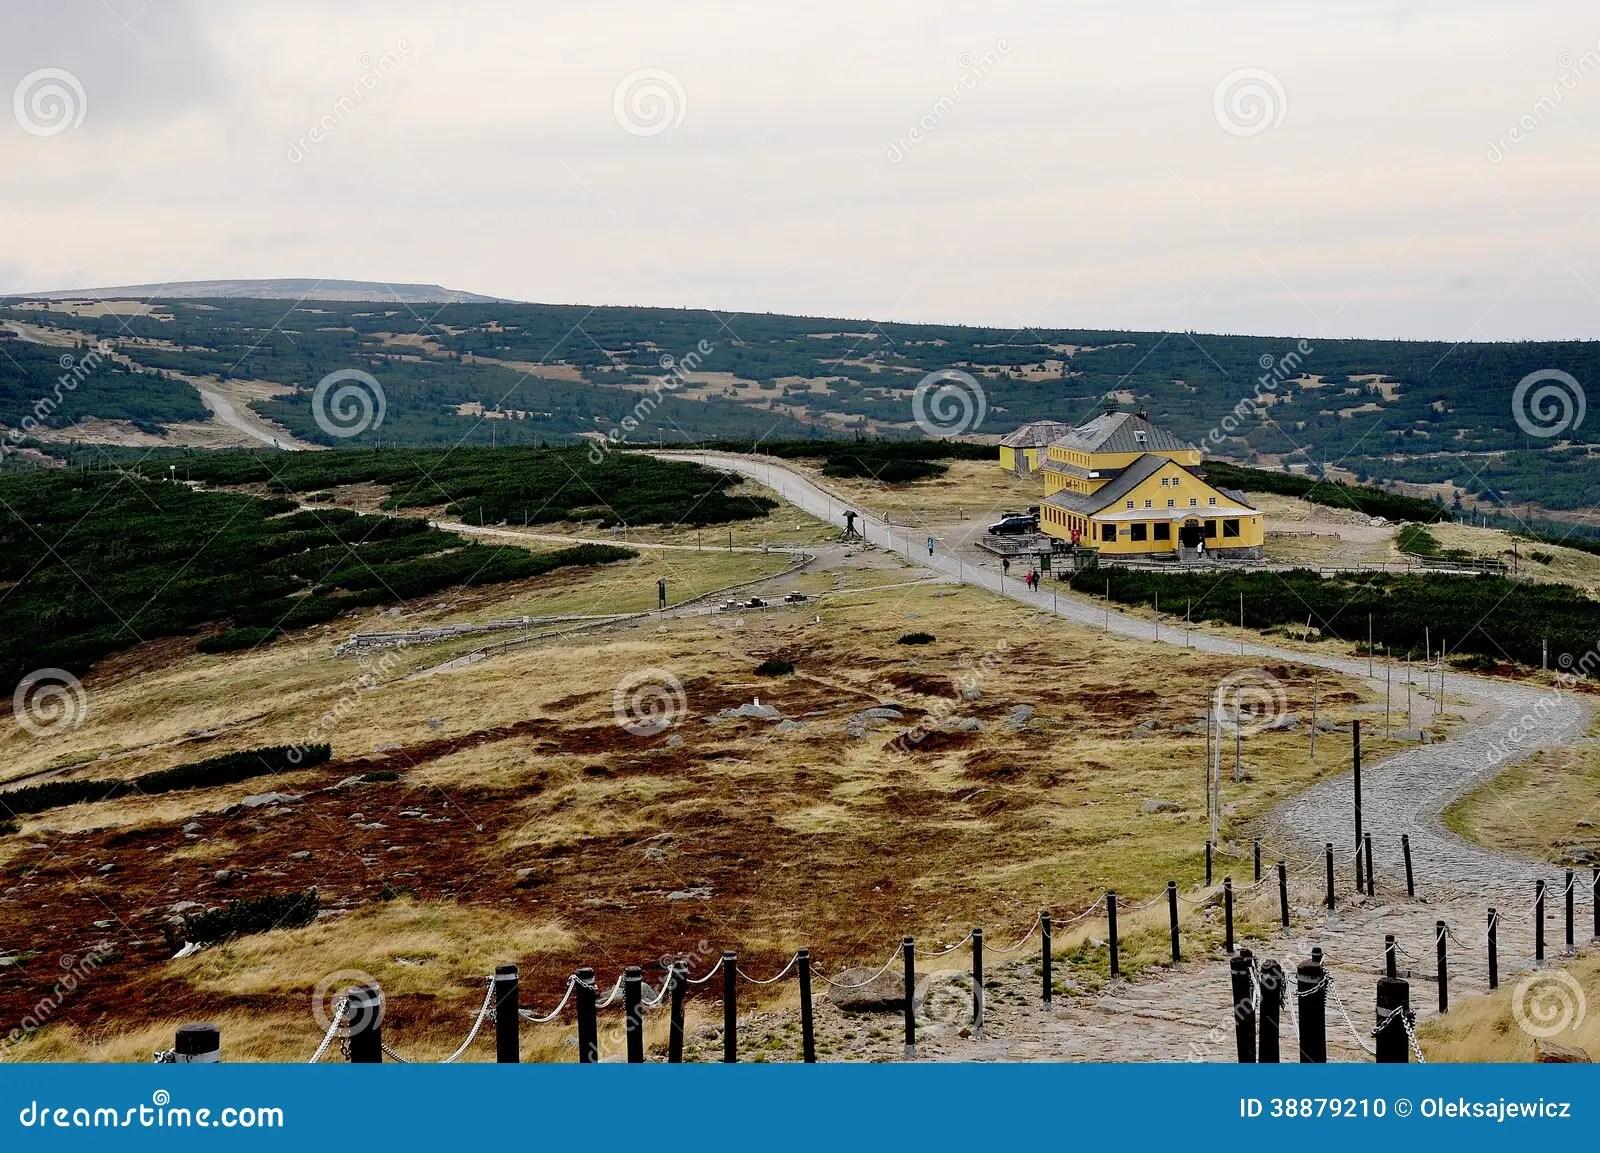 Mountain Ranges Of The Europe Stock Photo